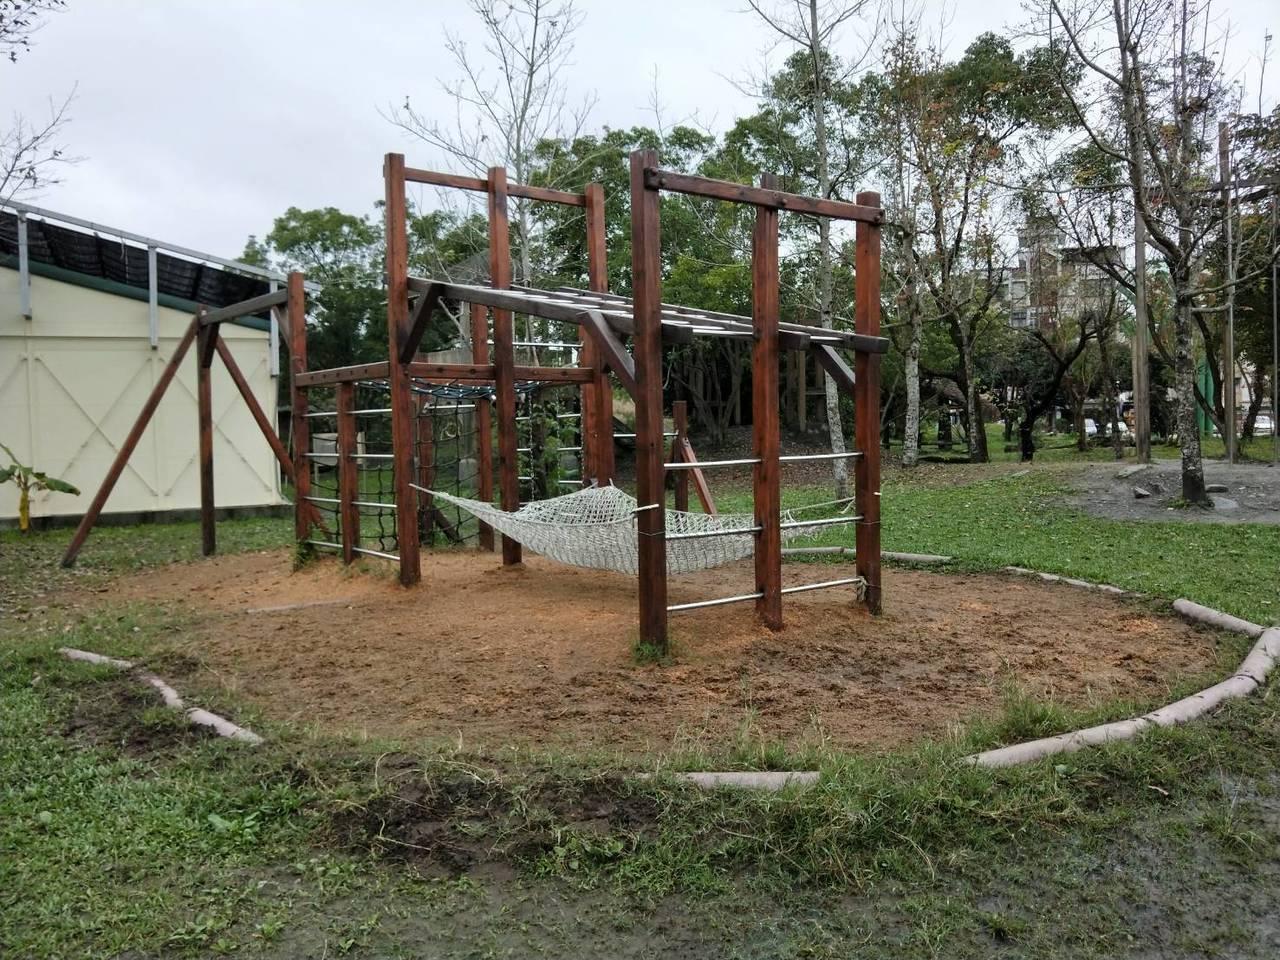 慈心華德福實驗學校開放式校園,啟發教育,鼓勵孩子接觸大自然。 記者江婉儀/攝影